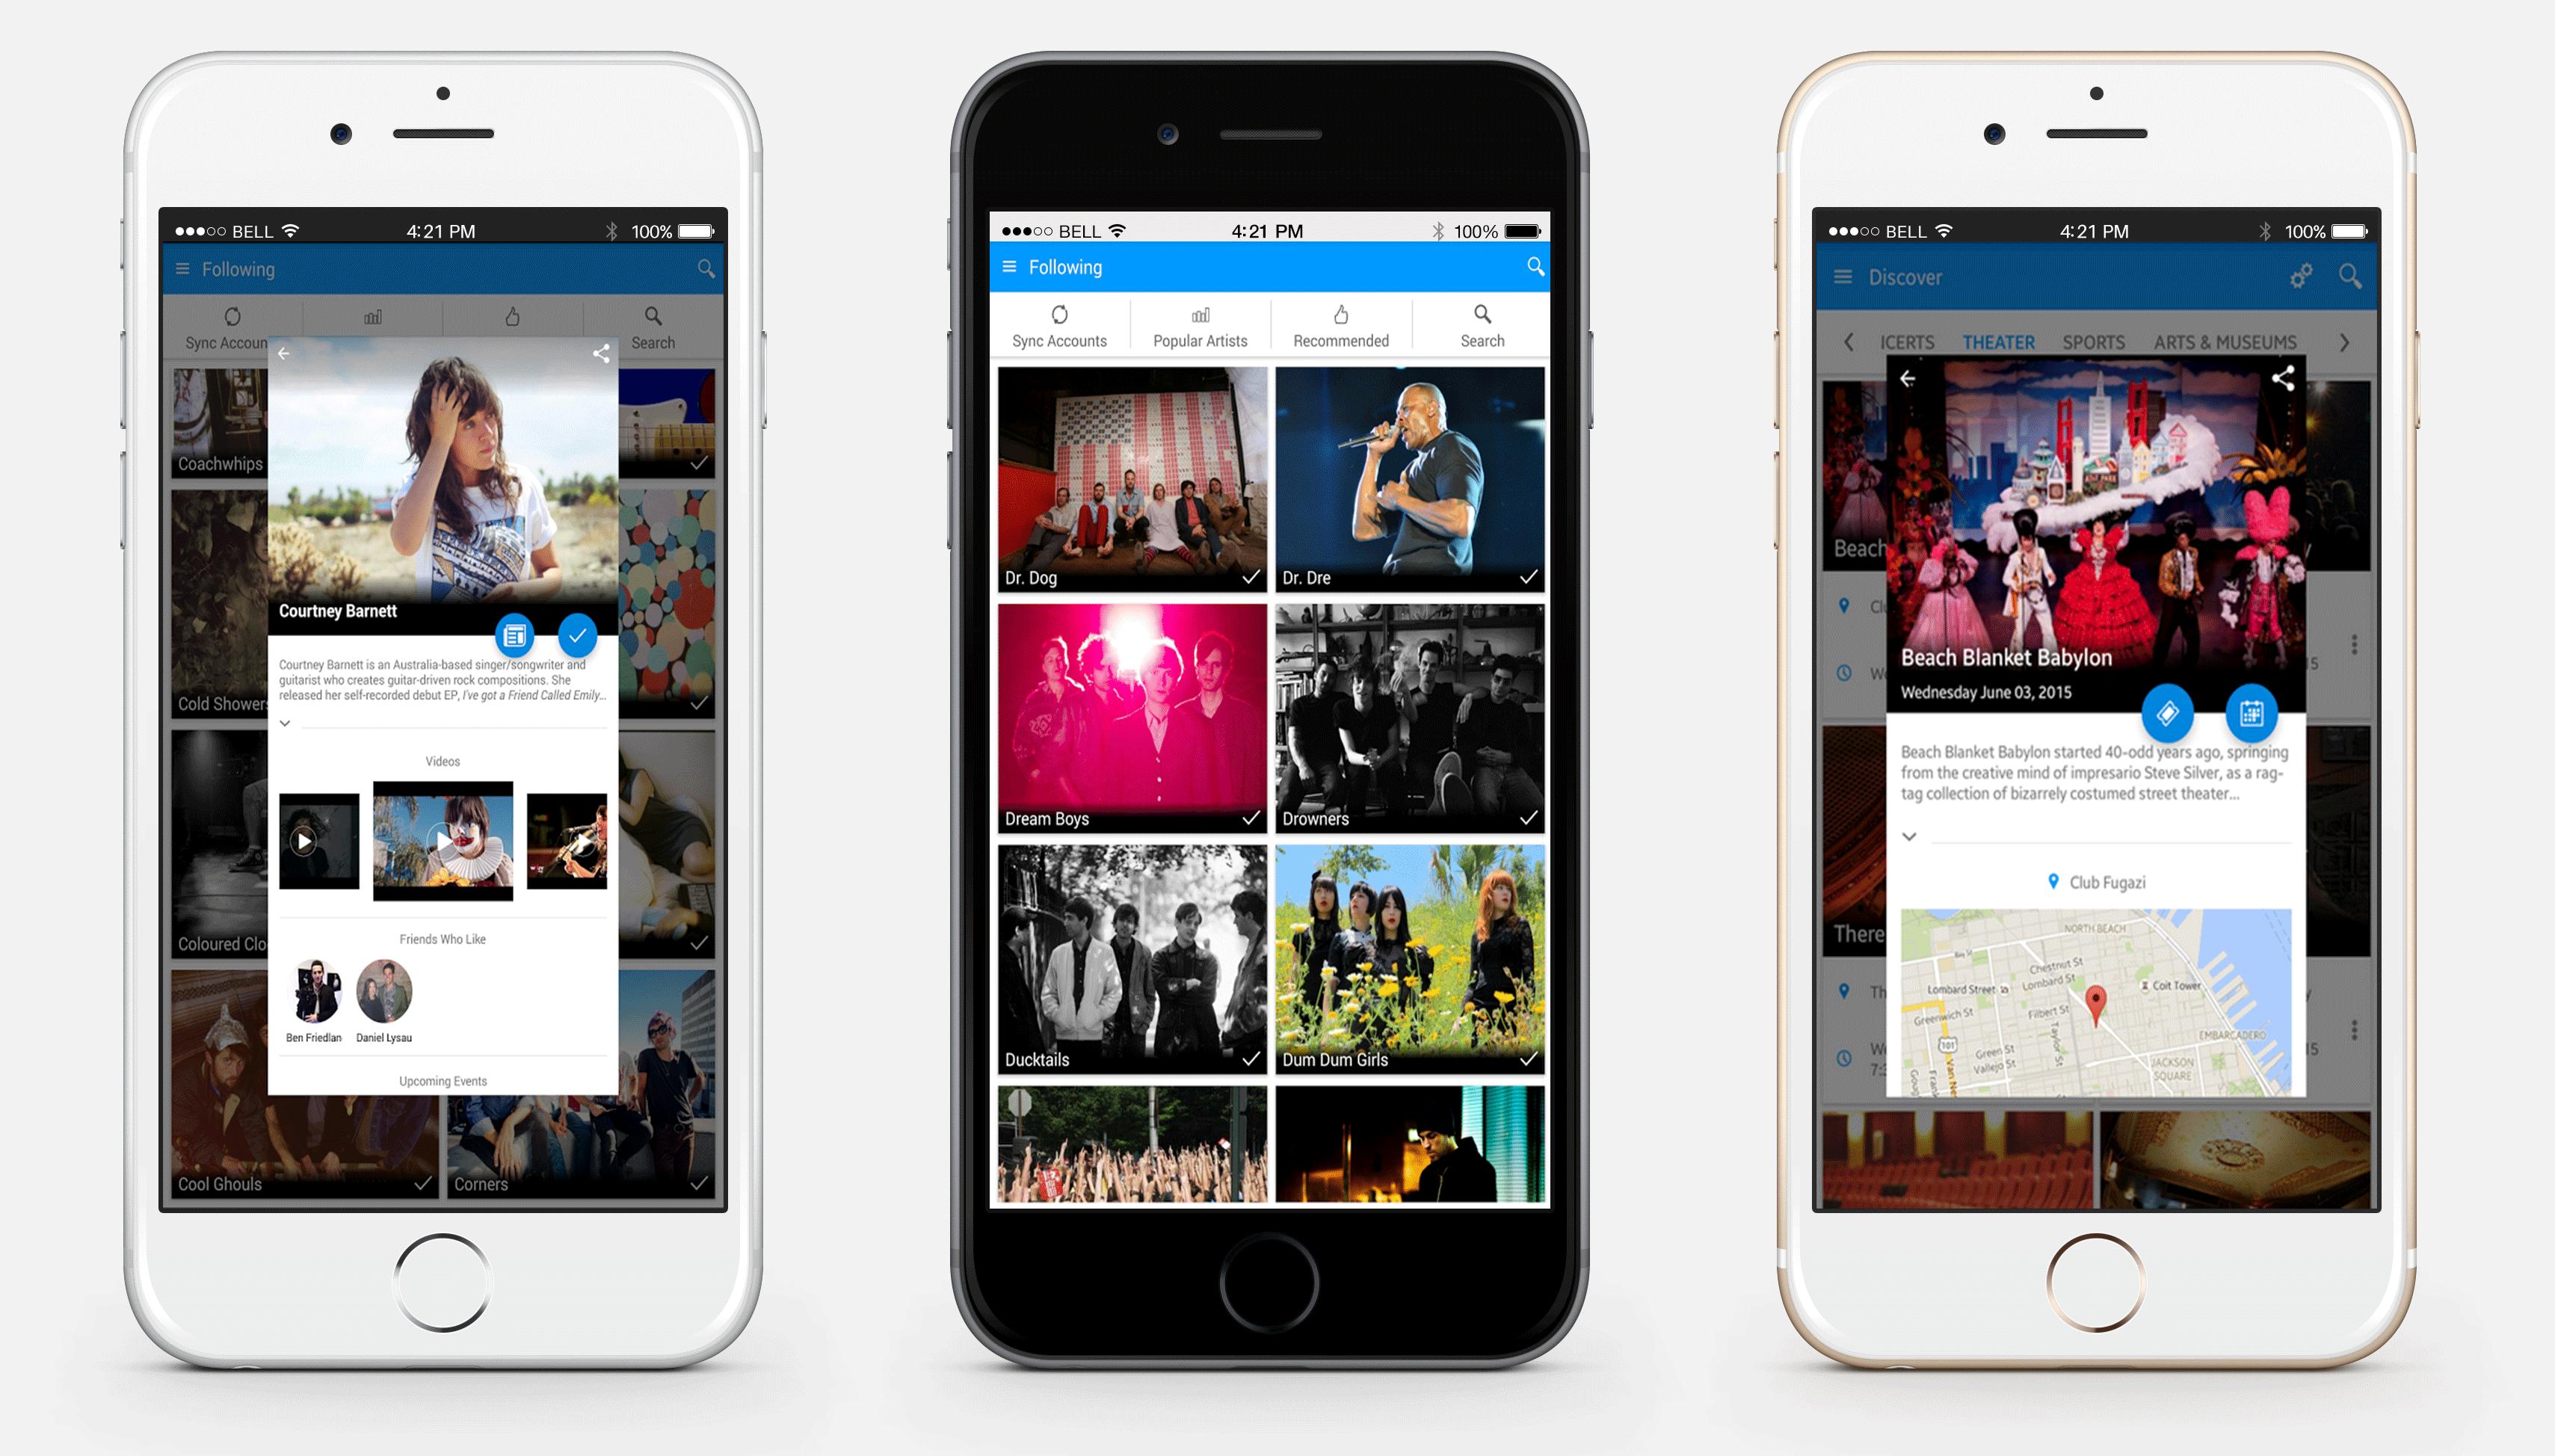 event-seeker-app-featured